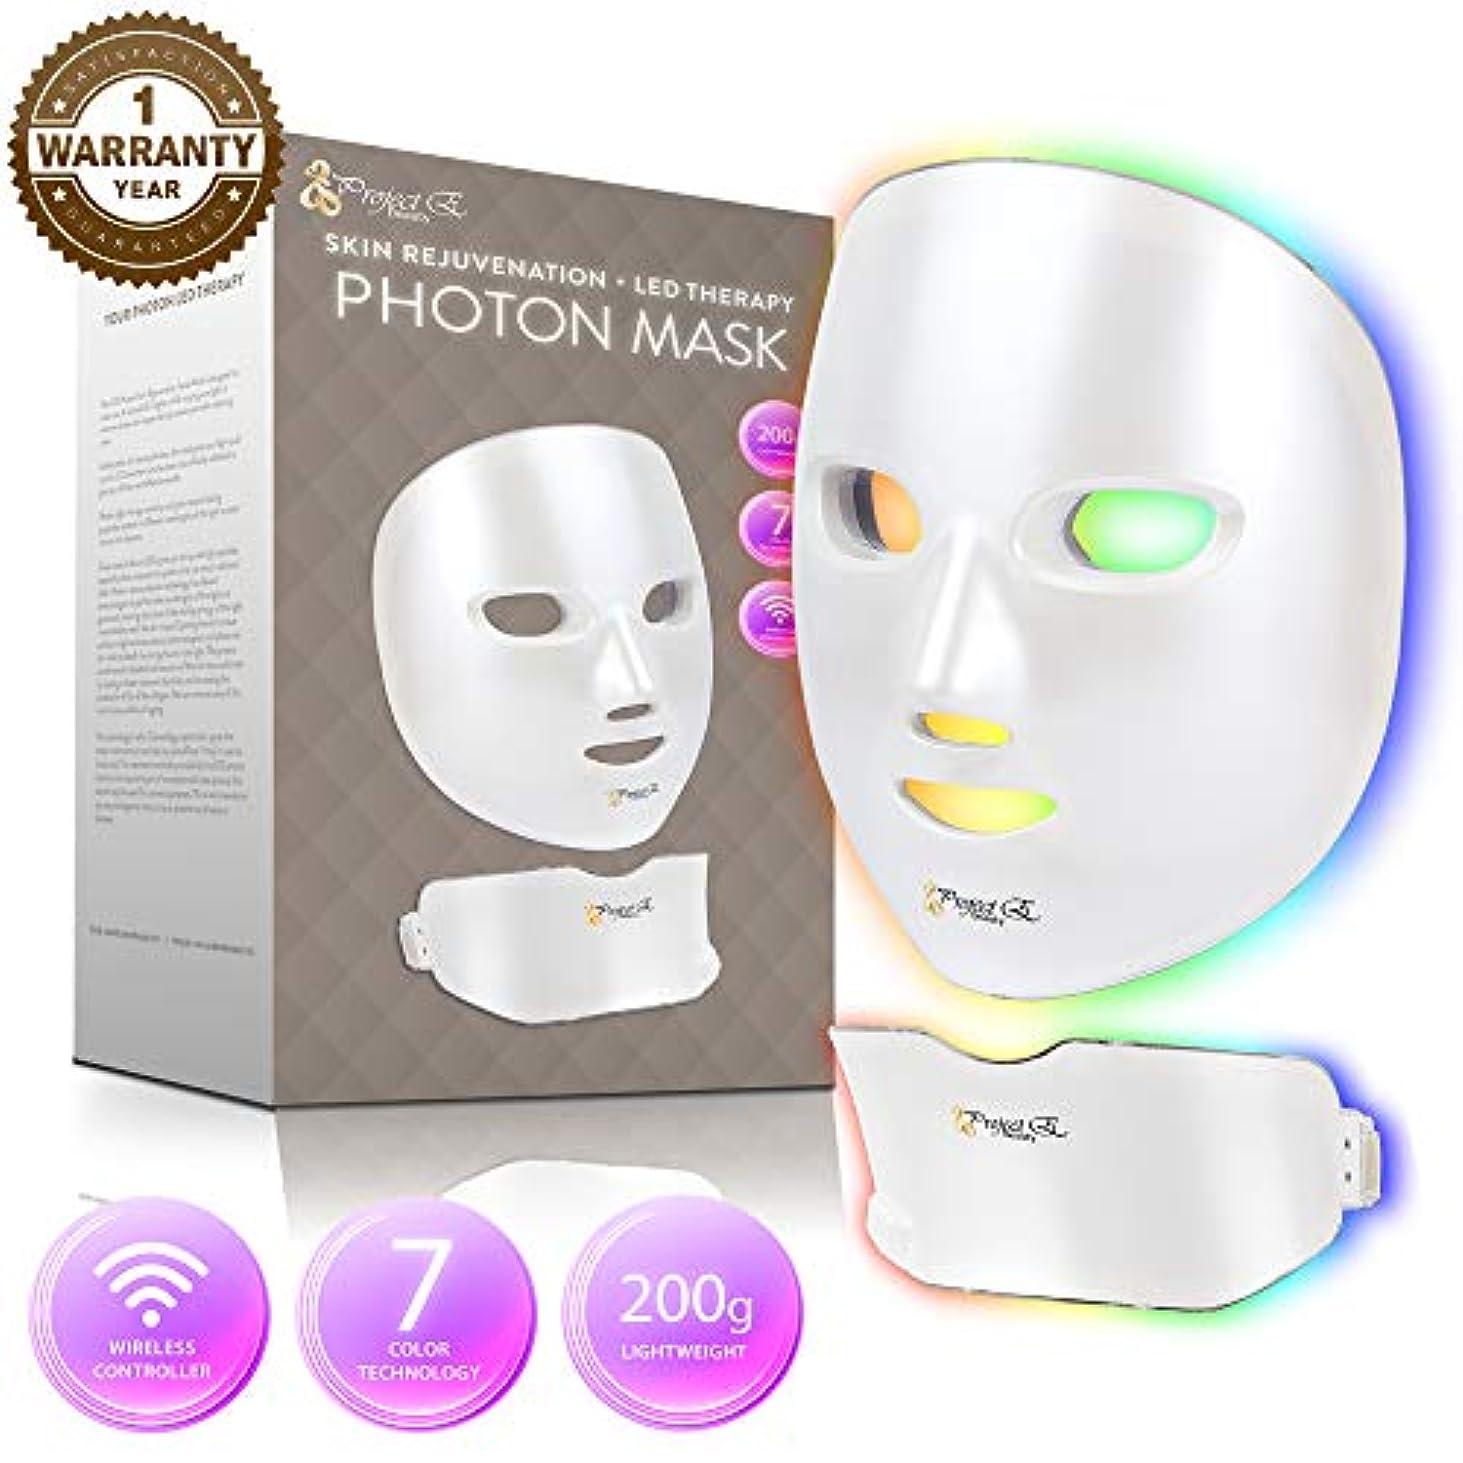 酸化物通行料金期待するProject E Beauty 7色 マスクフェイス&ネック光子光皮膚若返り療法顔 スキンケア無線マスクを主導しました ワンサイズ パール?ホワイト